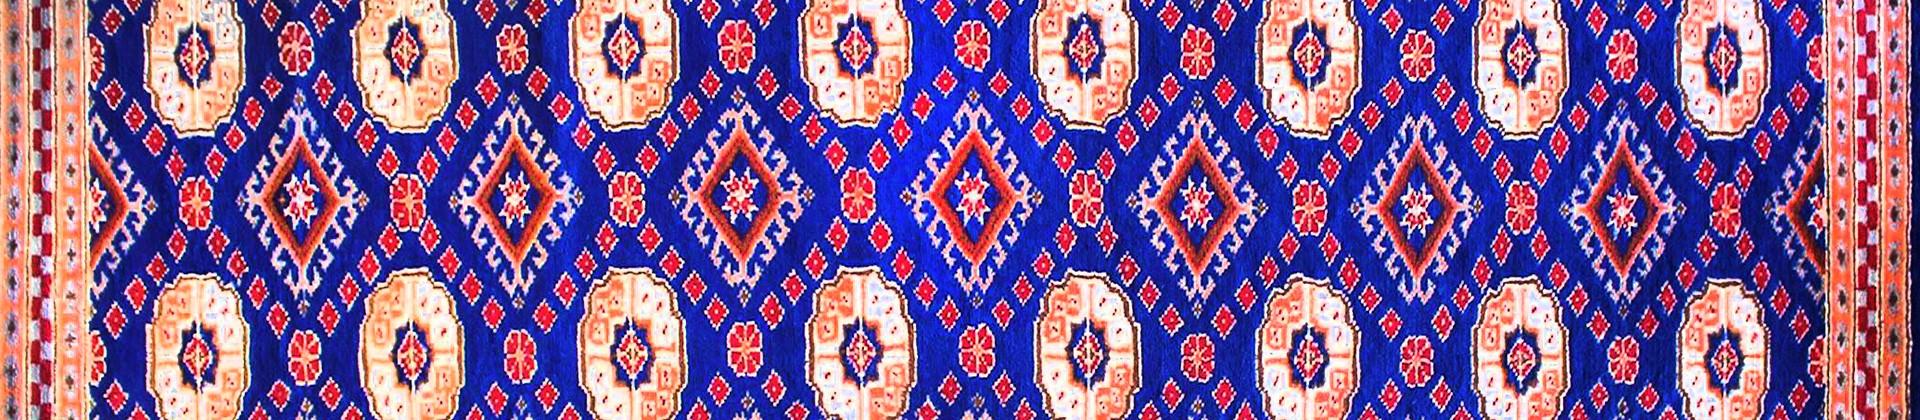 Bazaars of Andijan - 1